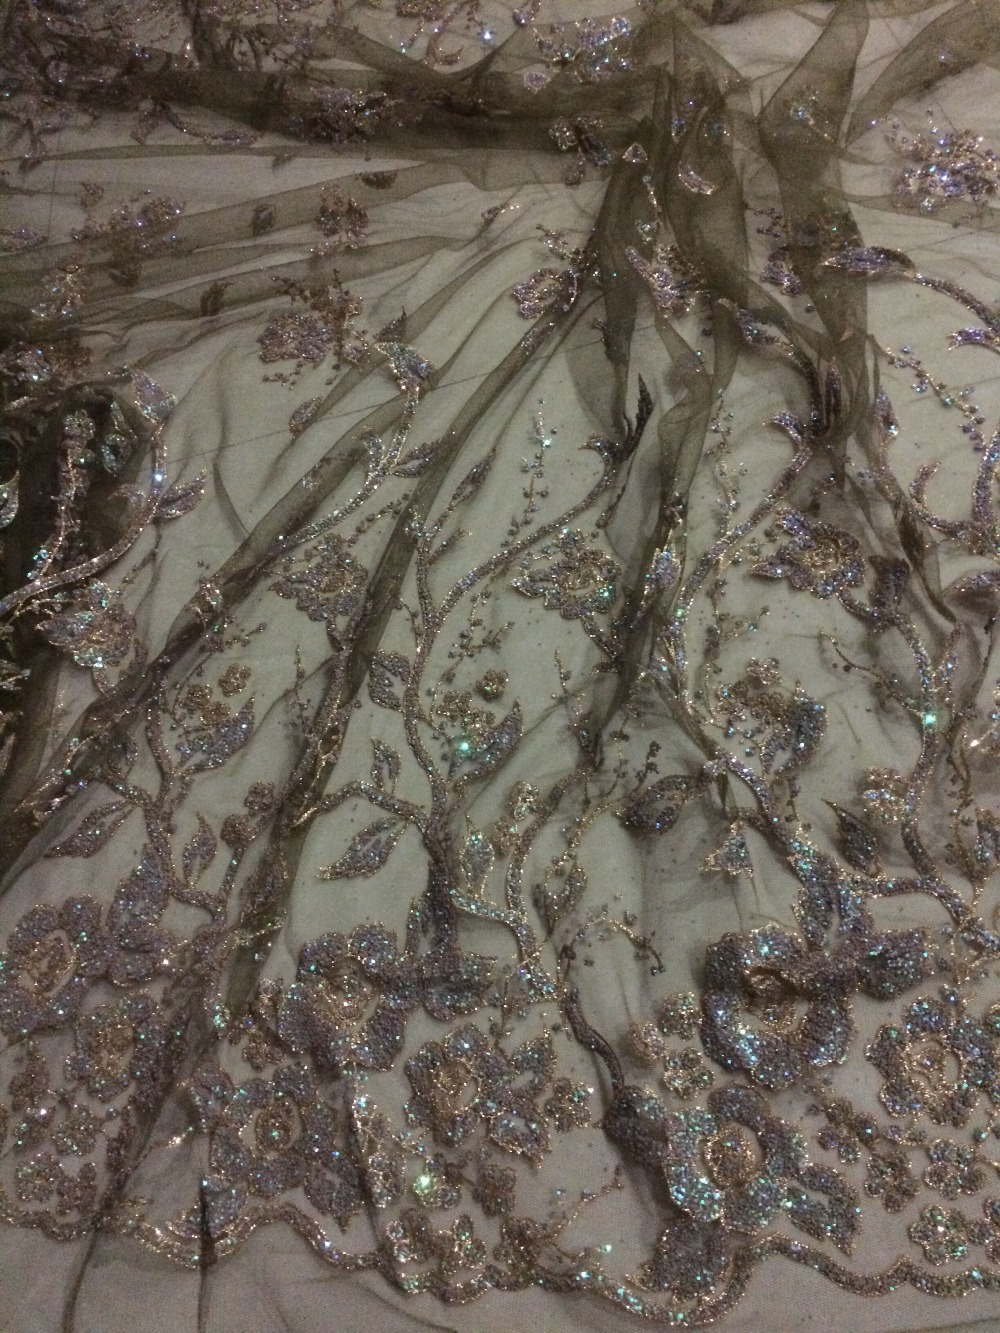 Fashion Hoge Kwaliteit Afrikaanse tule Kant stof CGL 92605 met glitter afrikaanse guipurekant Stof-in Kant van Huis & Tuin op  Groep 1